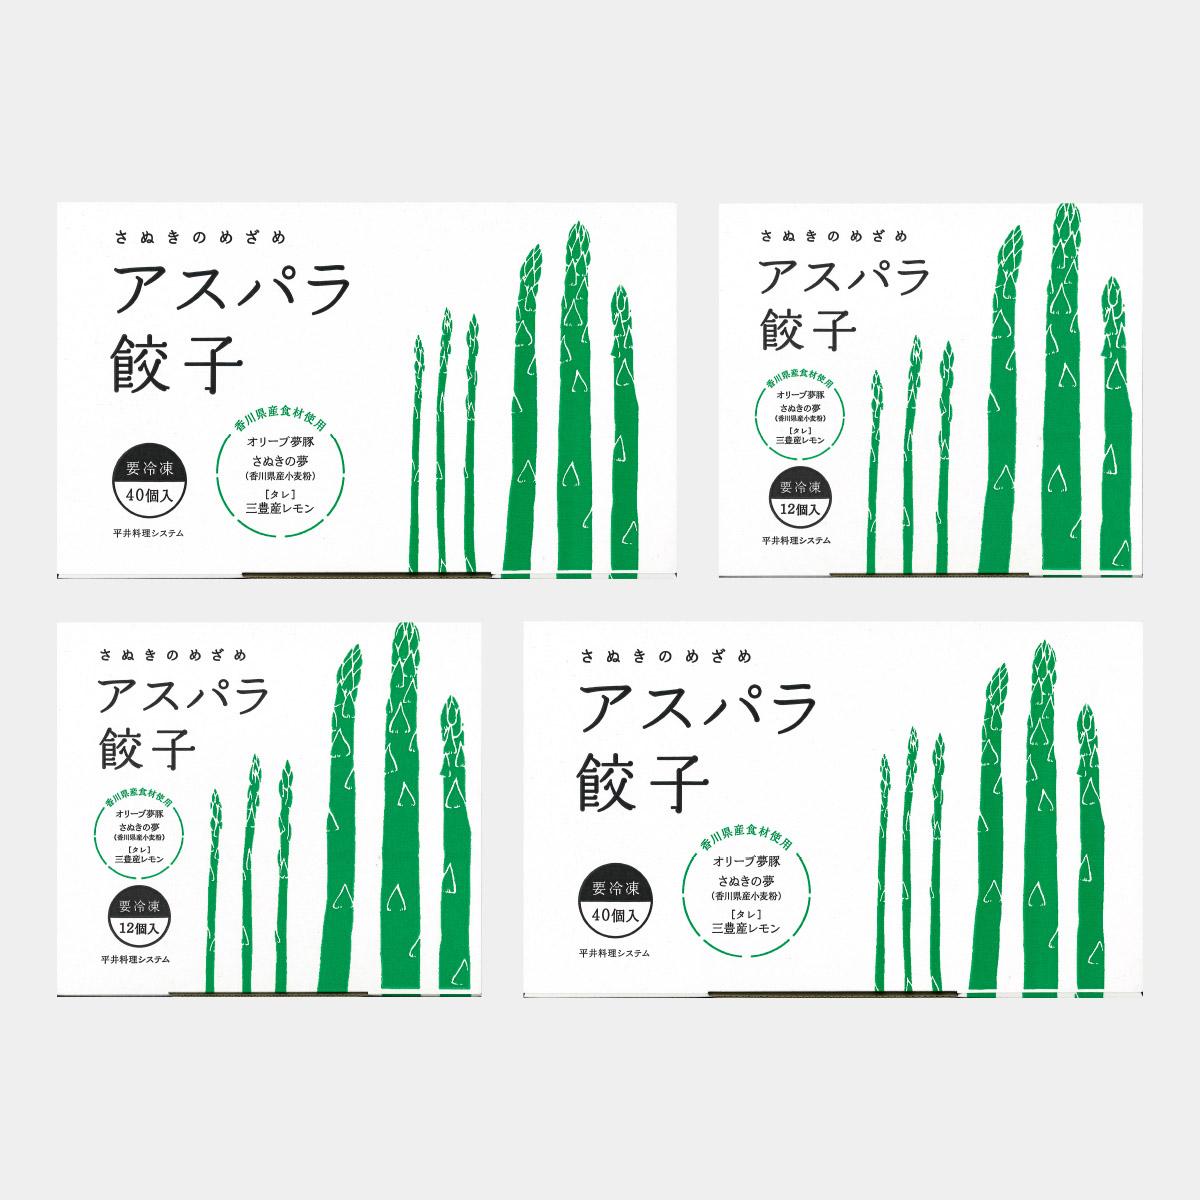 平井料理システム アスパラ餃子 パッケージ